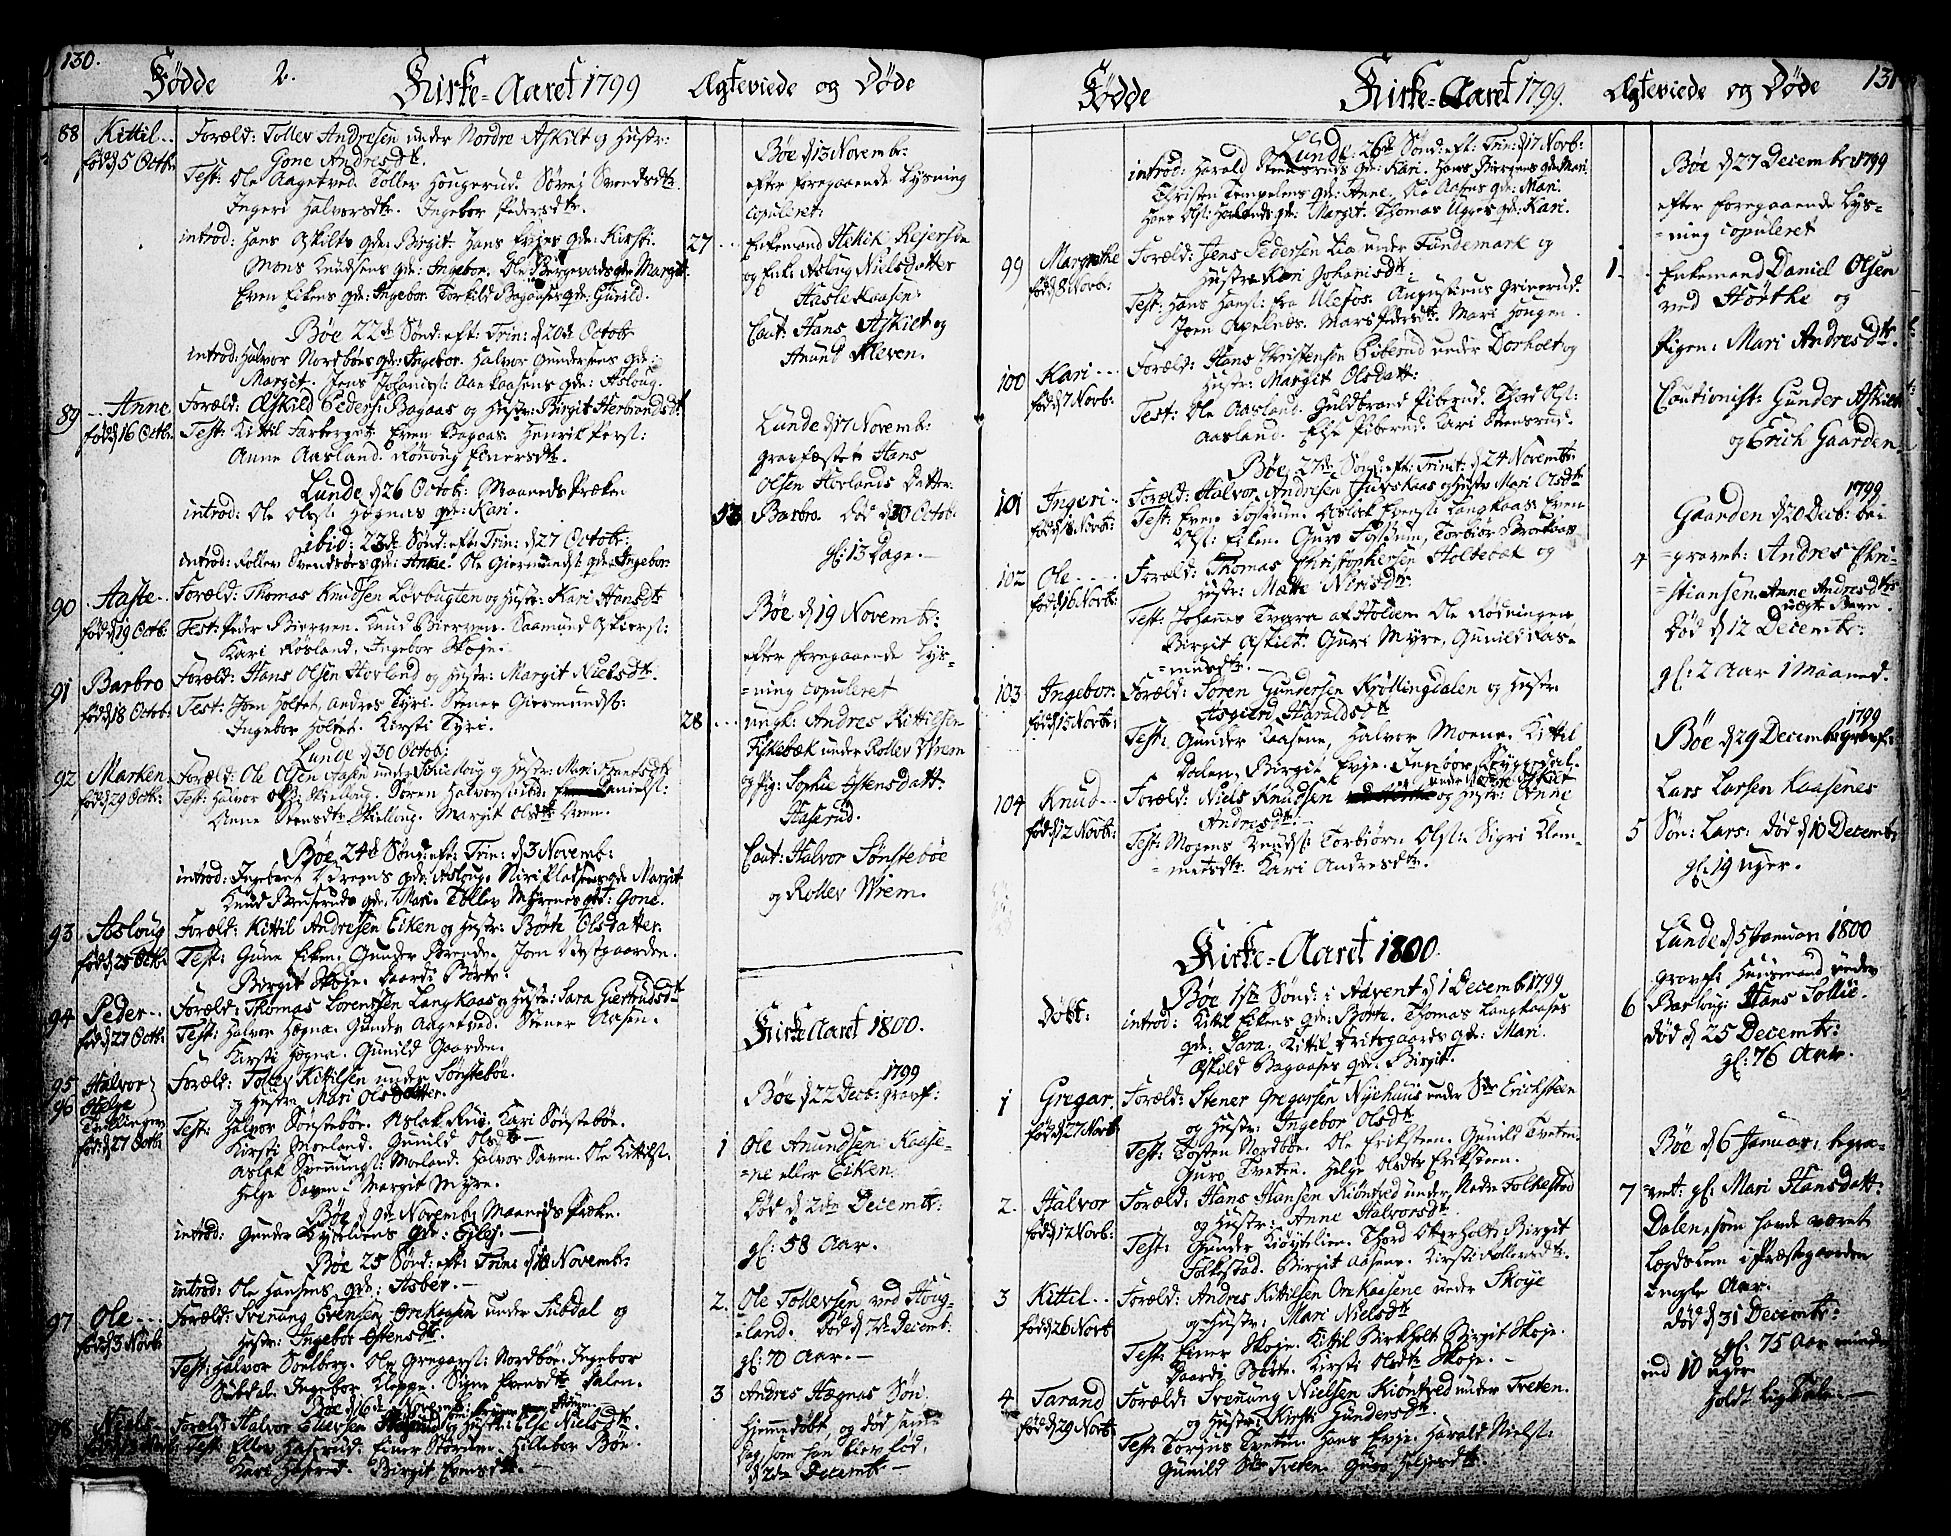 SAKO, Bø kirkebøker, F/Fa/L0005: Ministerialbok nr. 5, 1785-1815, s. 130-131